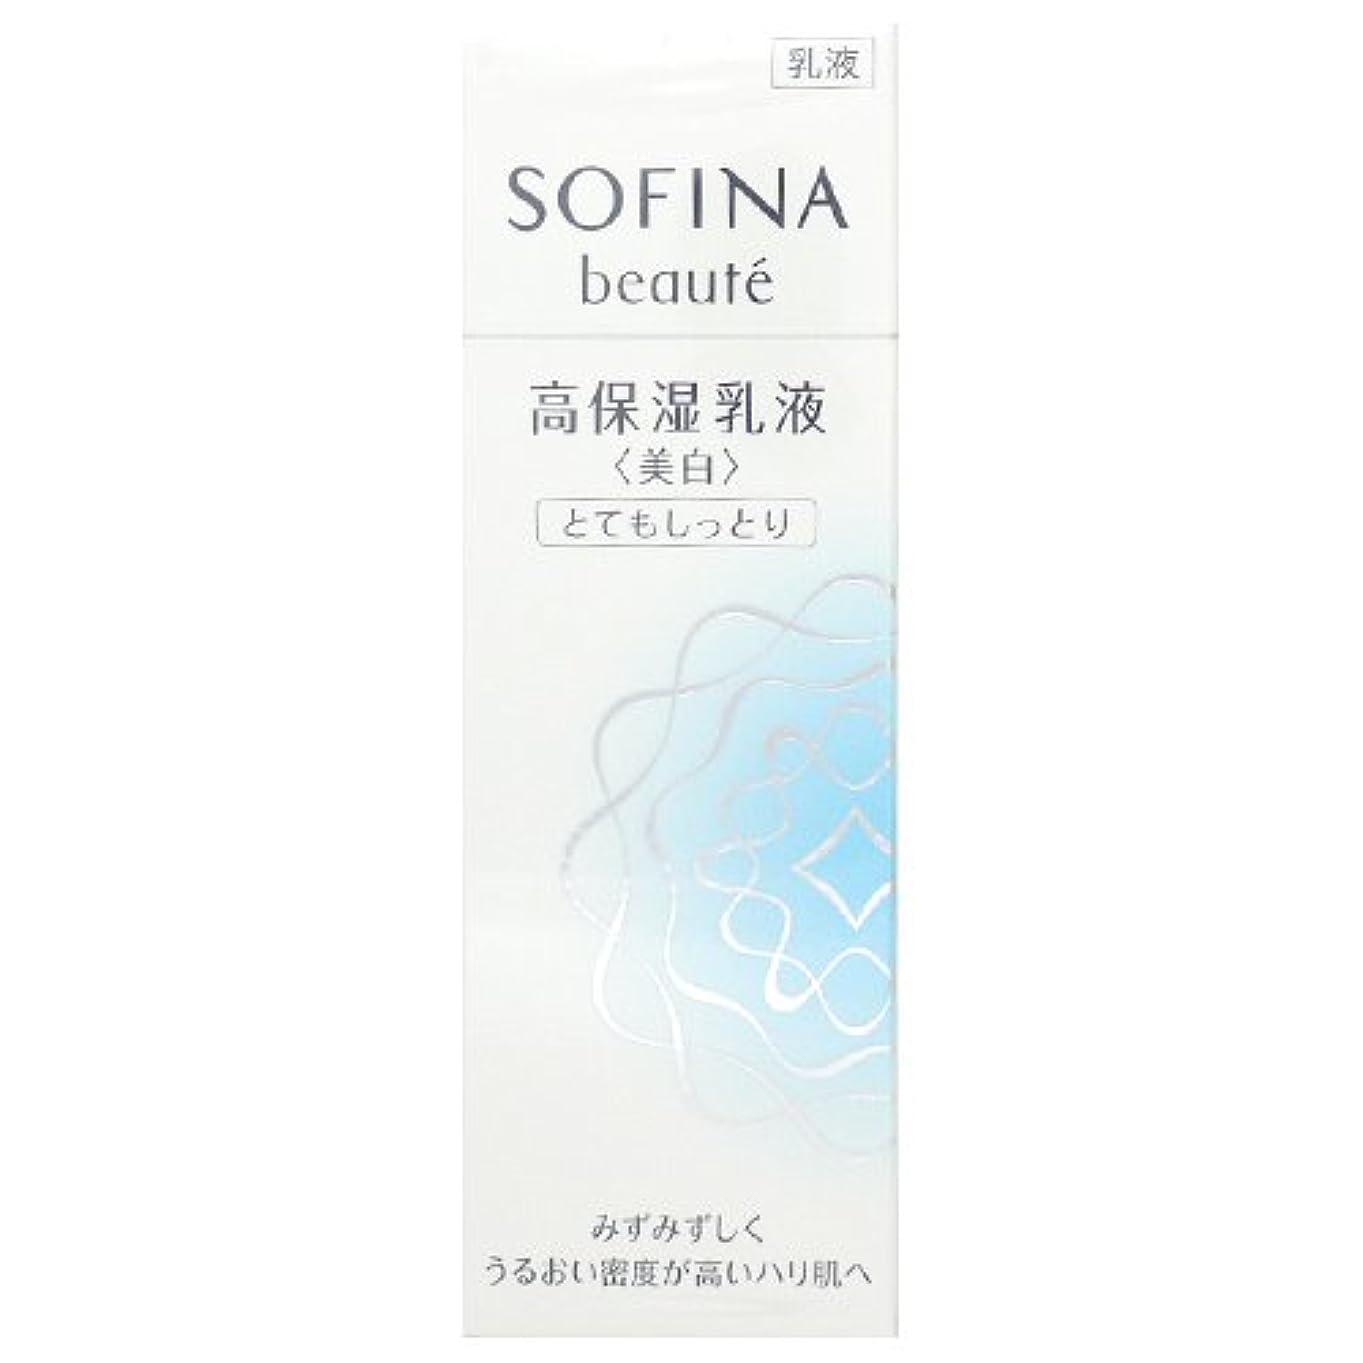 孤独なカウボーイで花王 ソフィーナ ボーテ 高保湿乳液 美白 とてもしっとり 60g